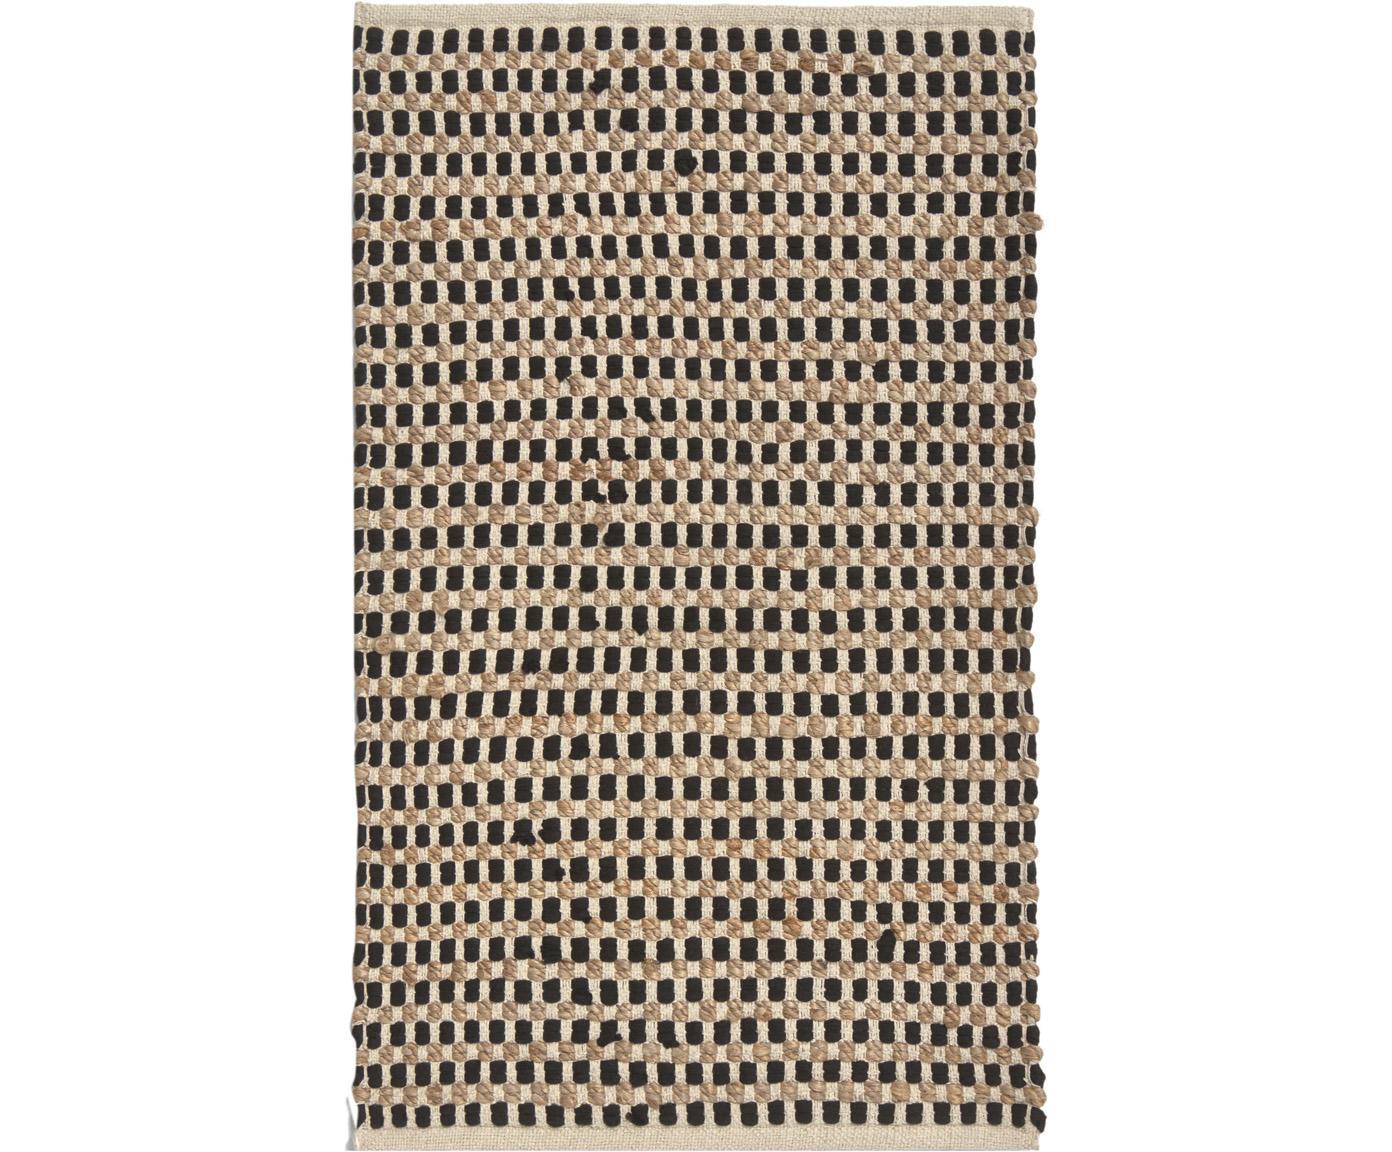 Teppich Fiesta aus Baumwolle/Jute, 55% Chindi Baumwolle, 45% Jute, Schwarz, Beige, B 60 x L 90 cm (Grösse XXS)